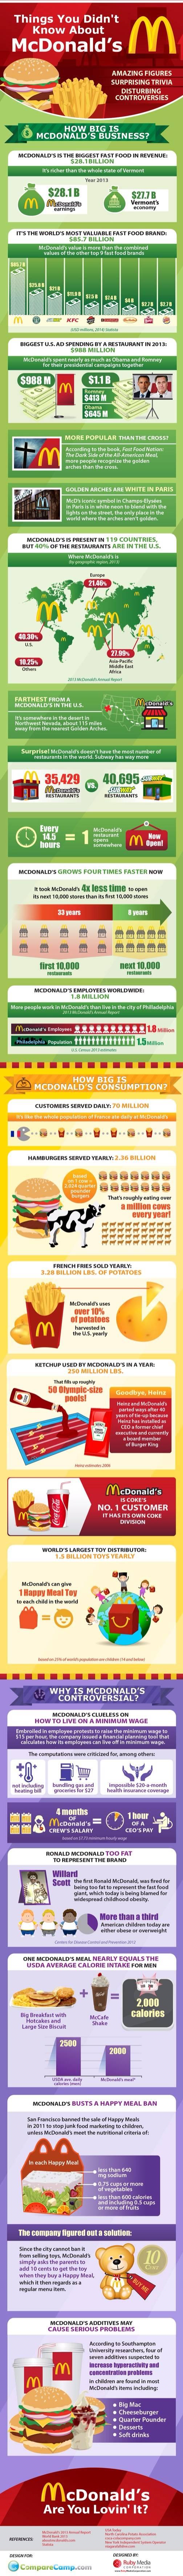 McDonald's Infographic 2